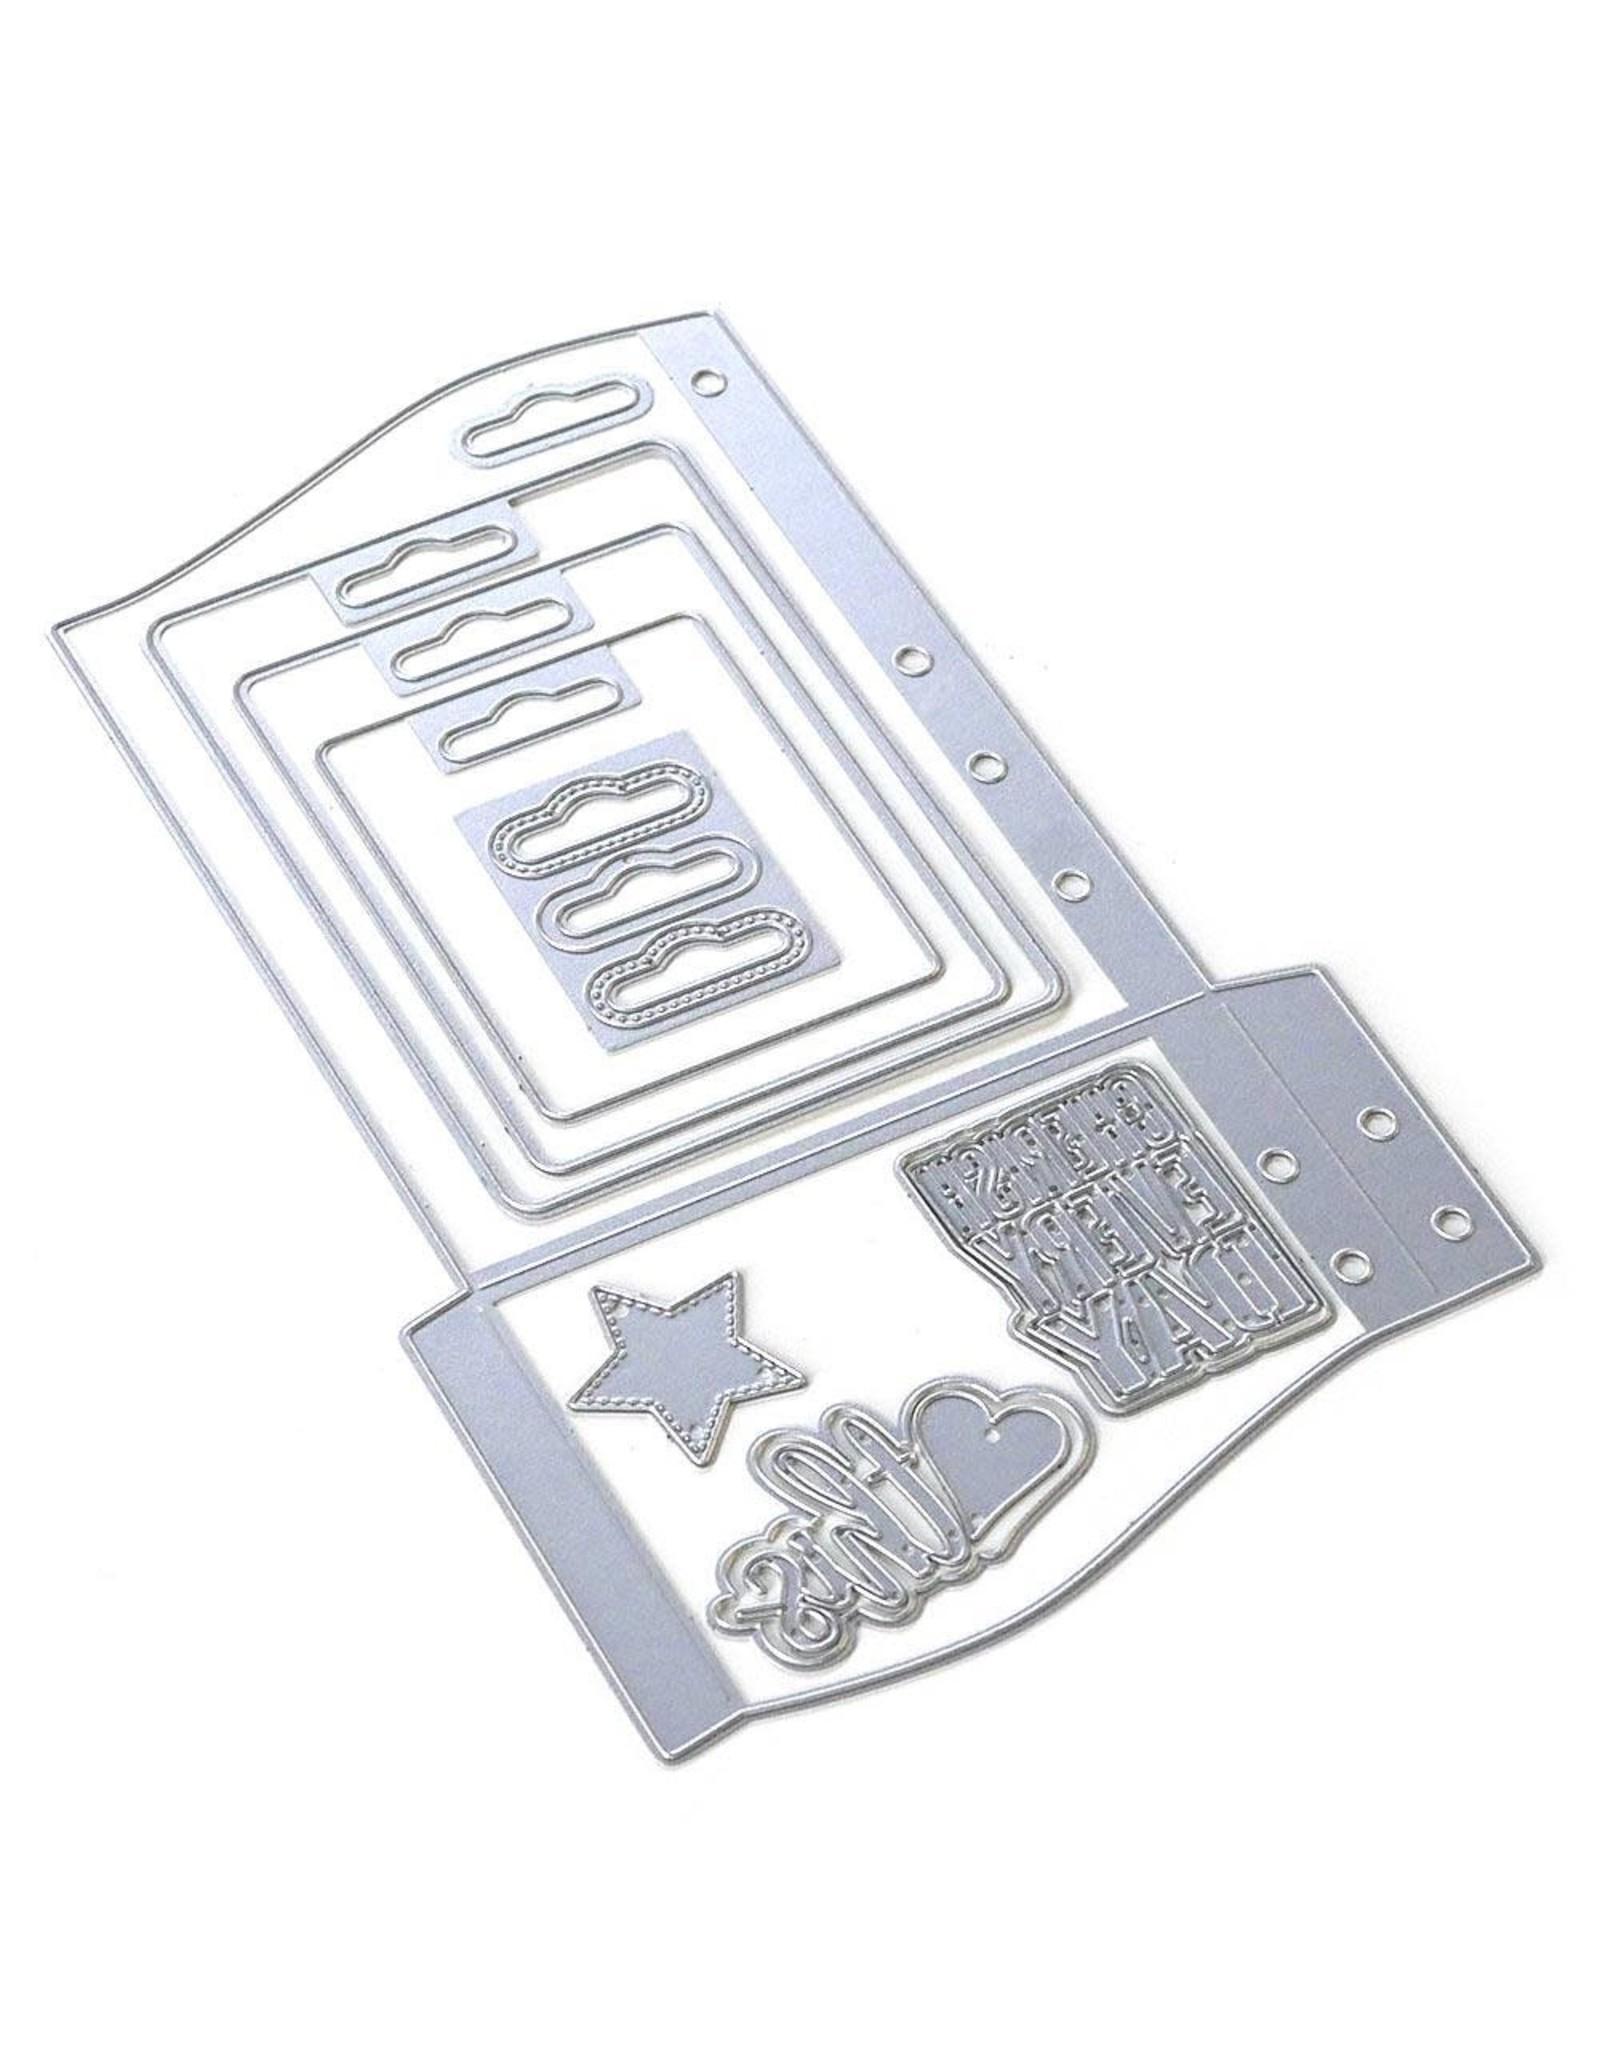 Elizabeth Craft Designs Elizabeth Craft Designs Planner Essentials 30 - Wave Pocket 1805